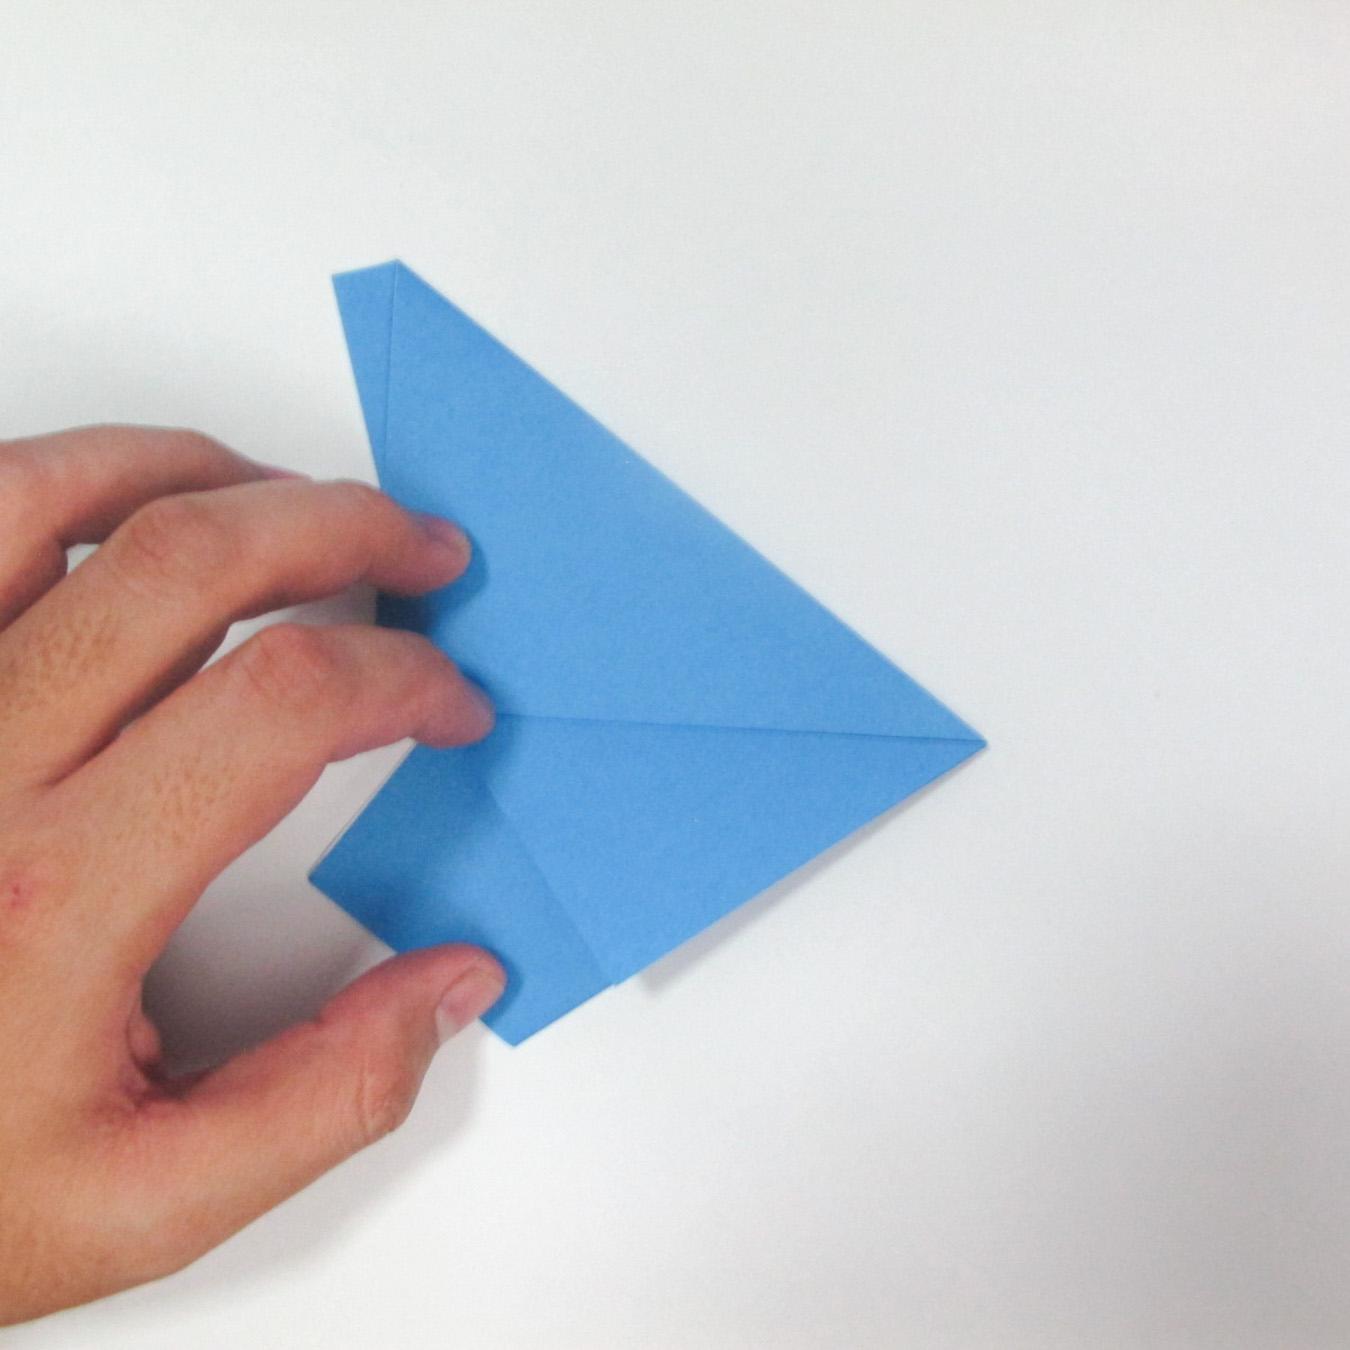 วิธีการตัดกระดาษเป็นห้าเหลี่ยมจากกระดาษสี่เหลี่ยมจตุรัส 006